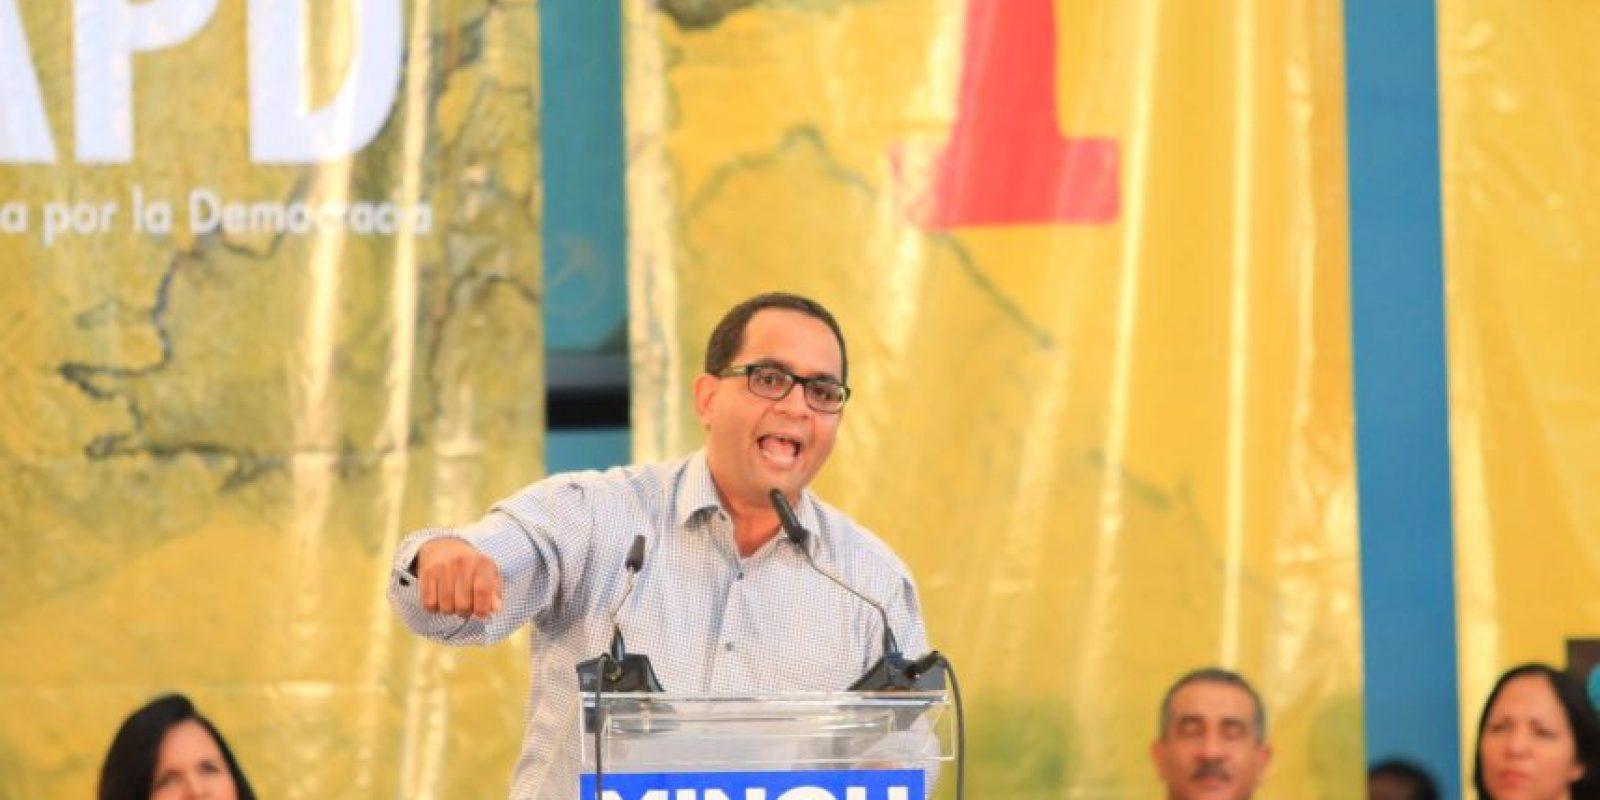 Carlos de Peña, APD. Foto:Fuente externa